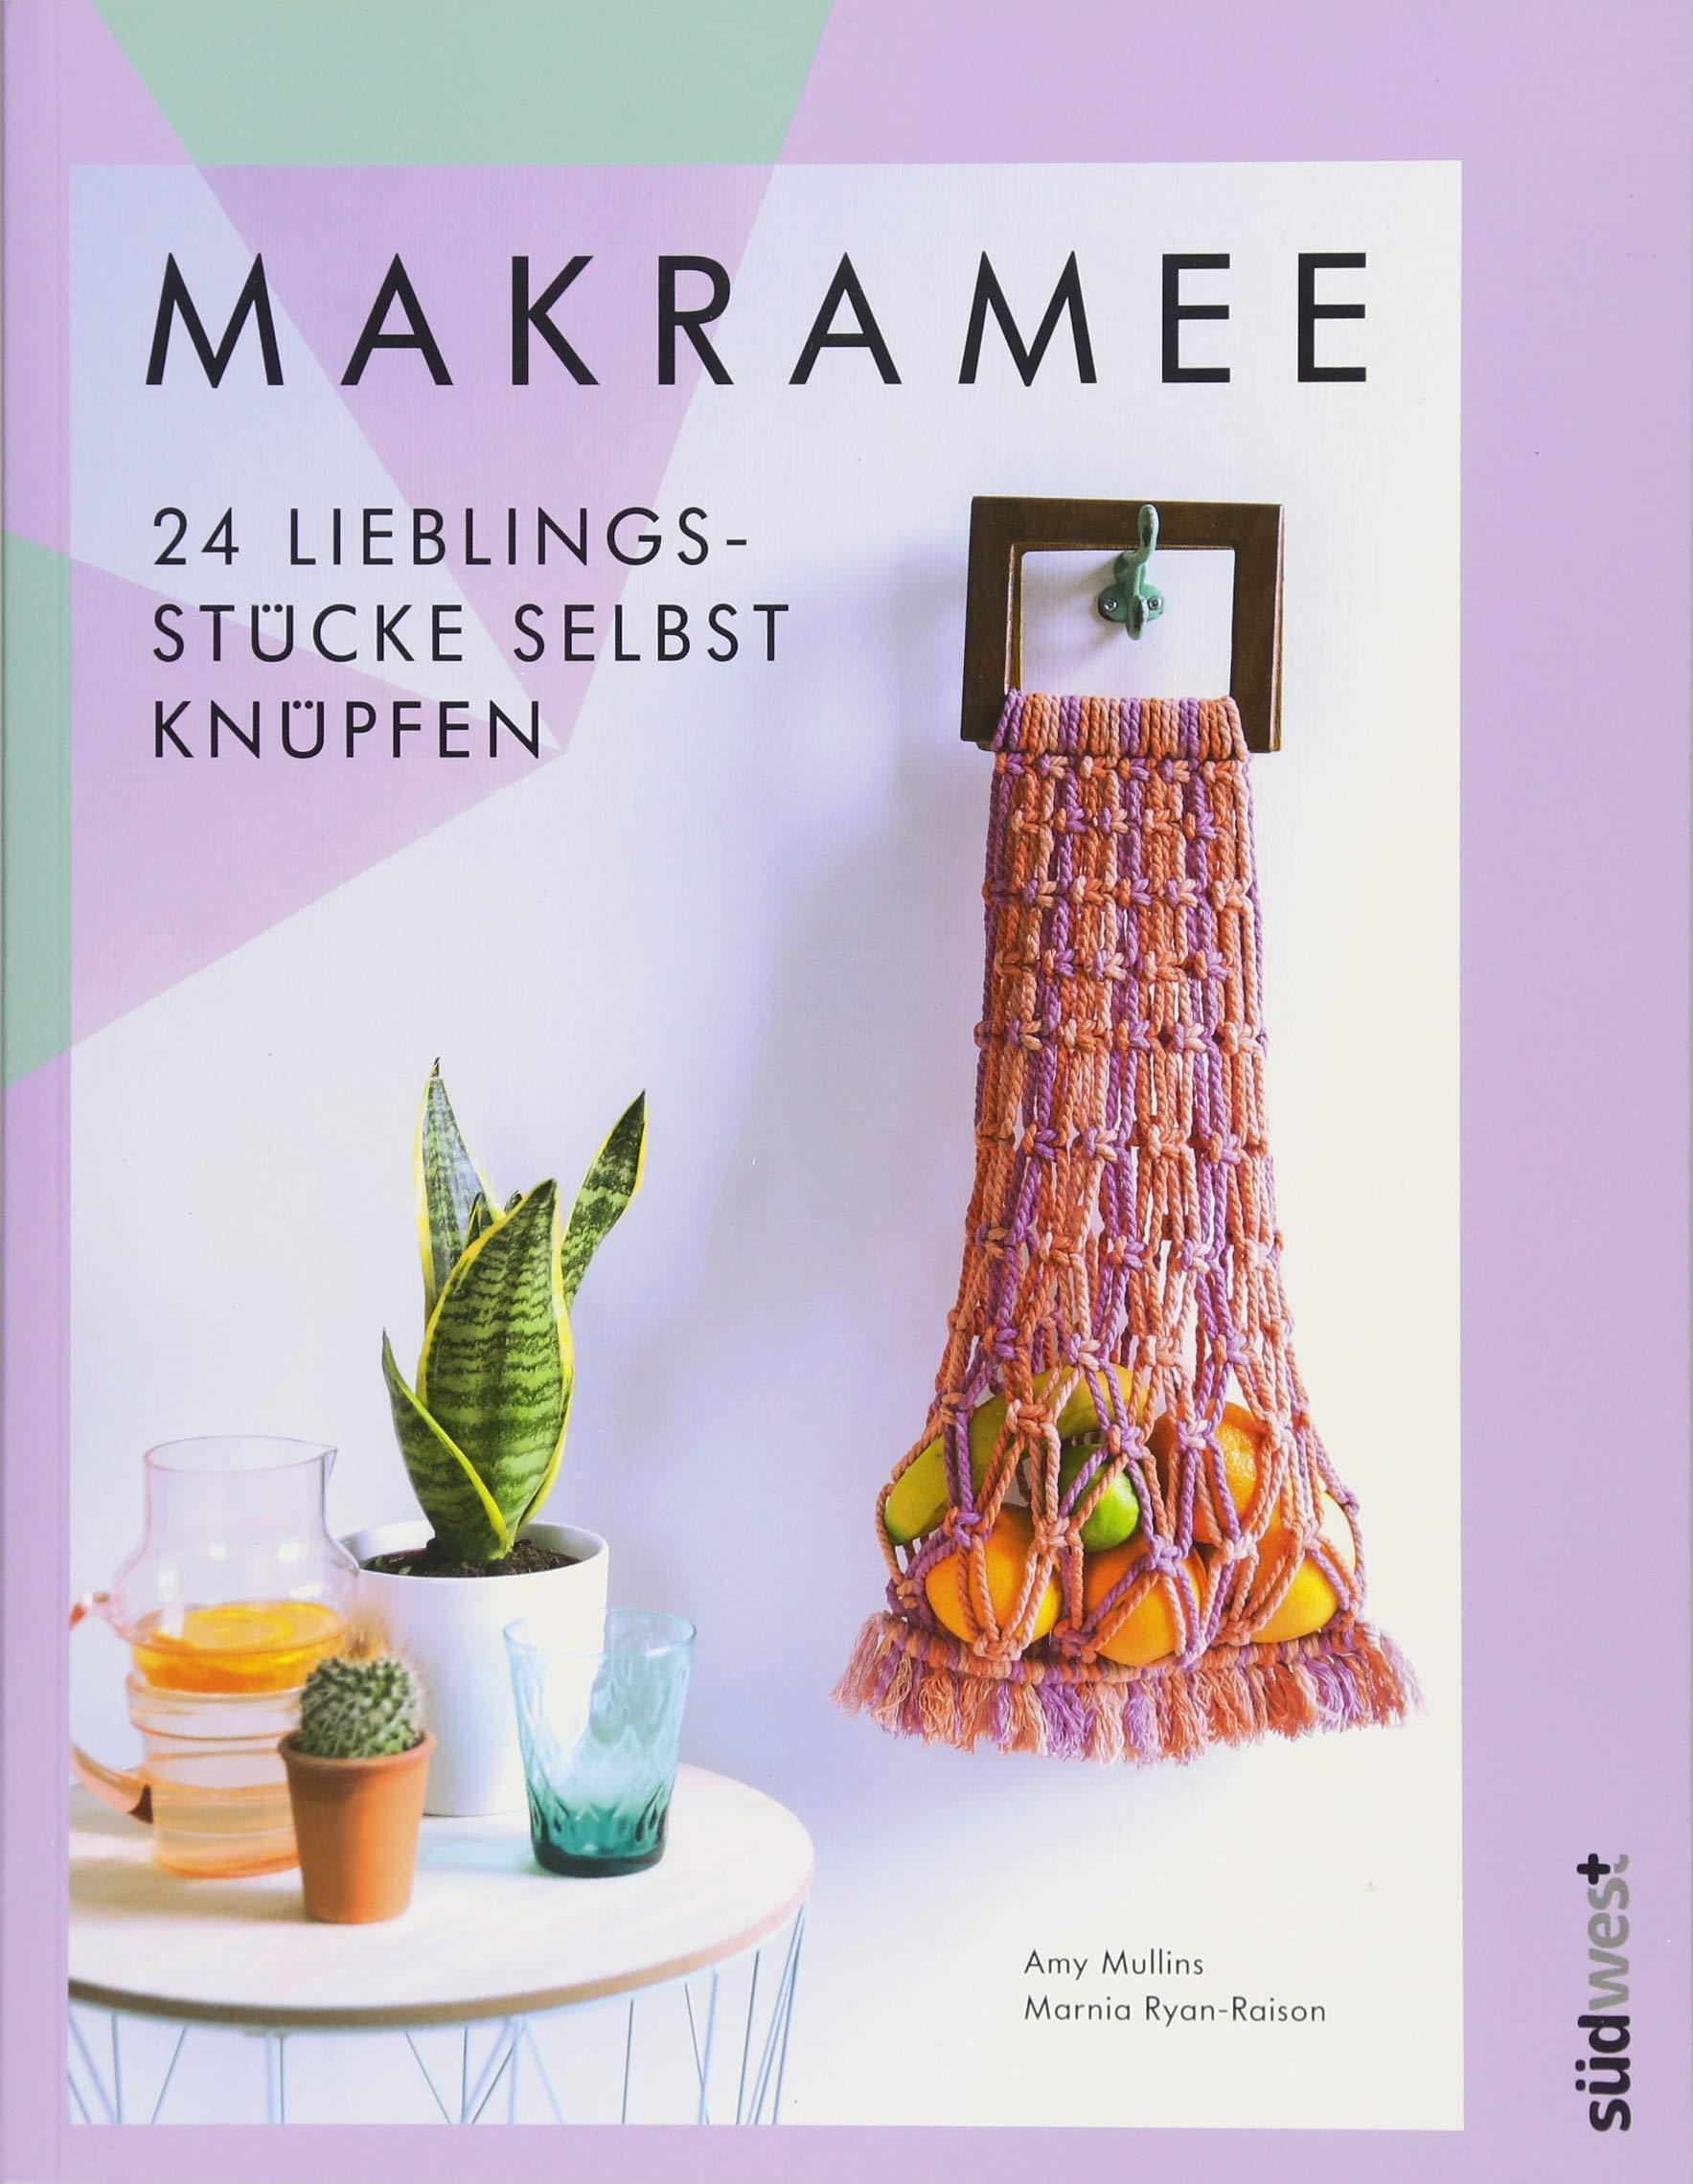 makramee-24-lieblingsstcke-selbst-knpfen-die-10-wichtigsten-knotentechniken-in-wort-und-bild-erklrt